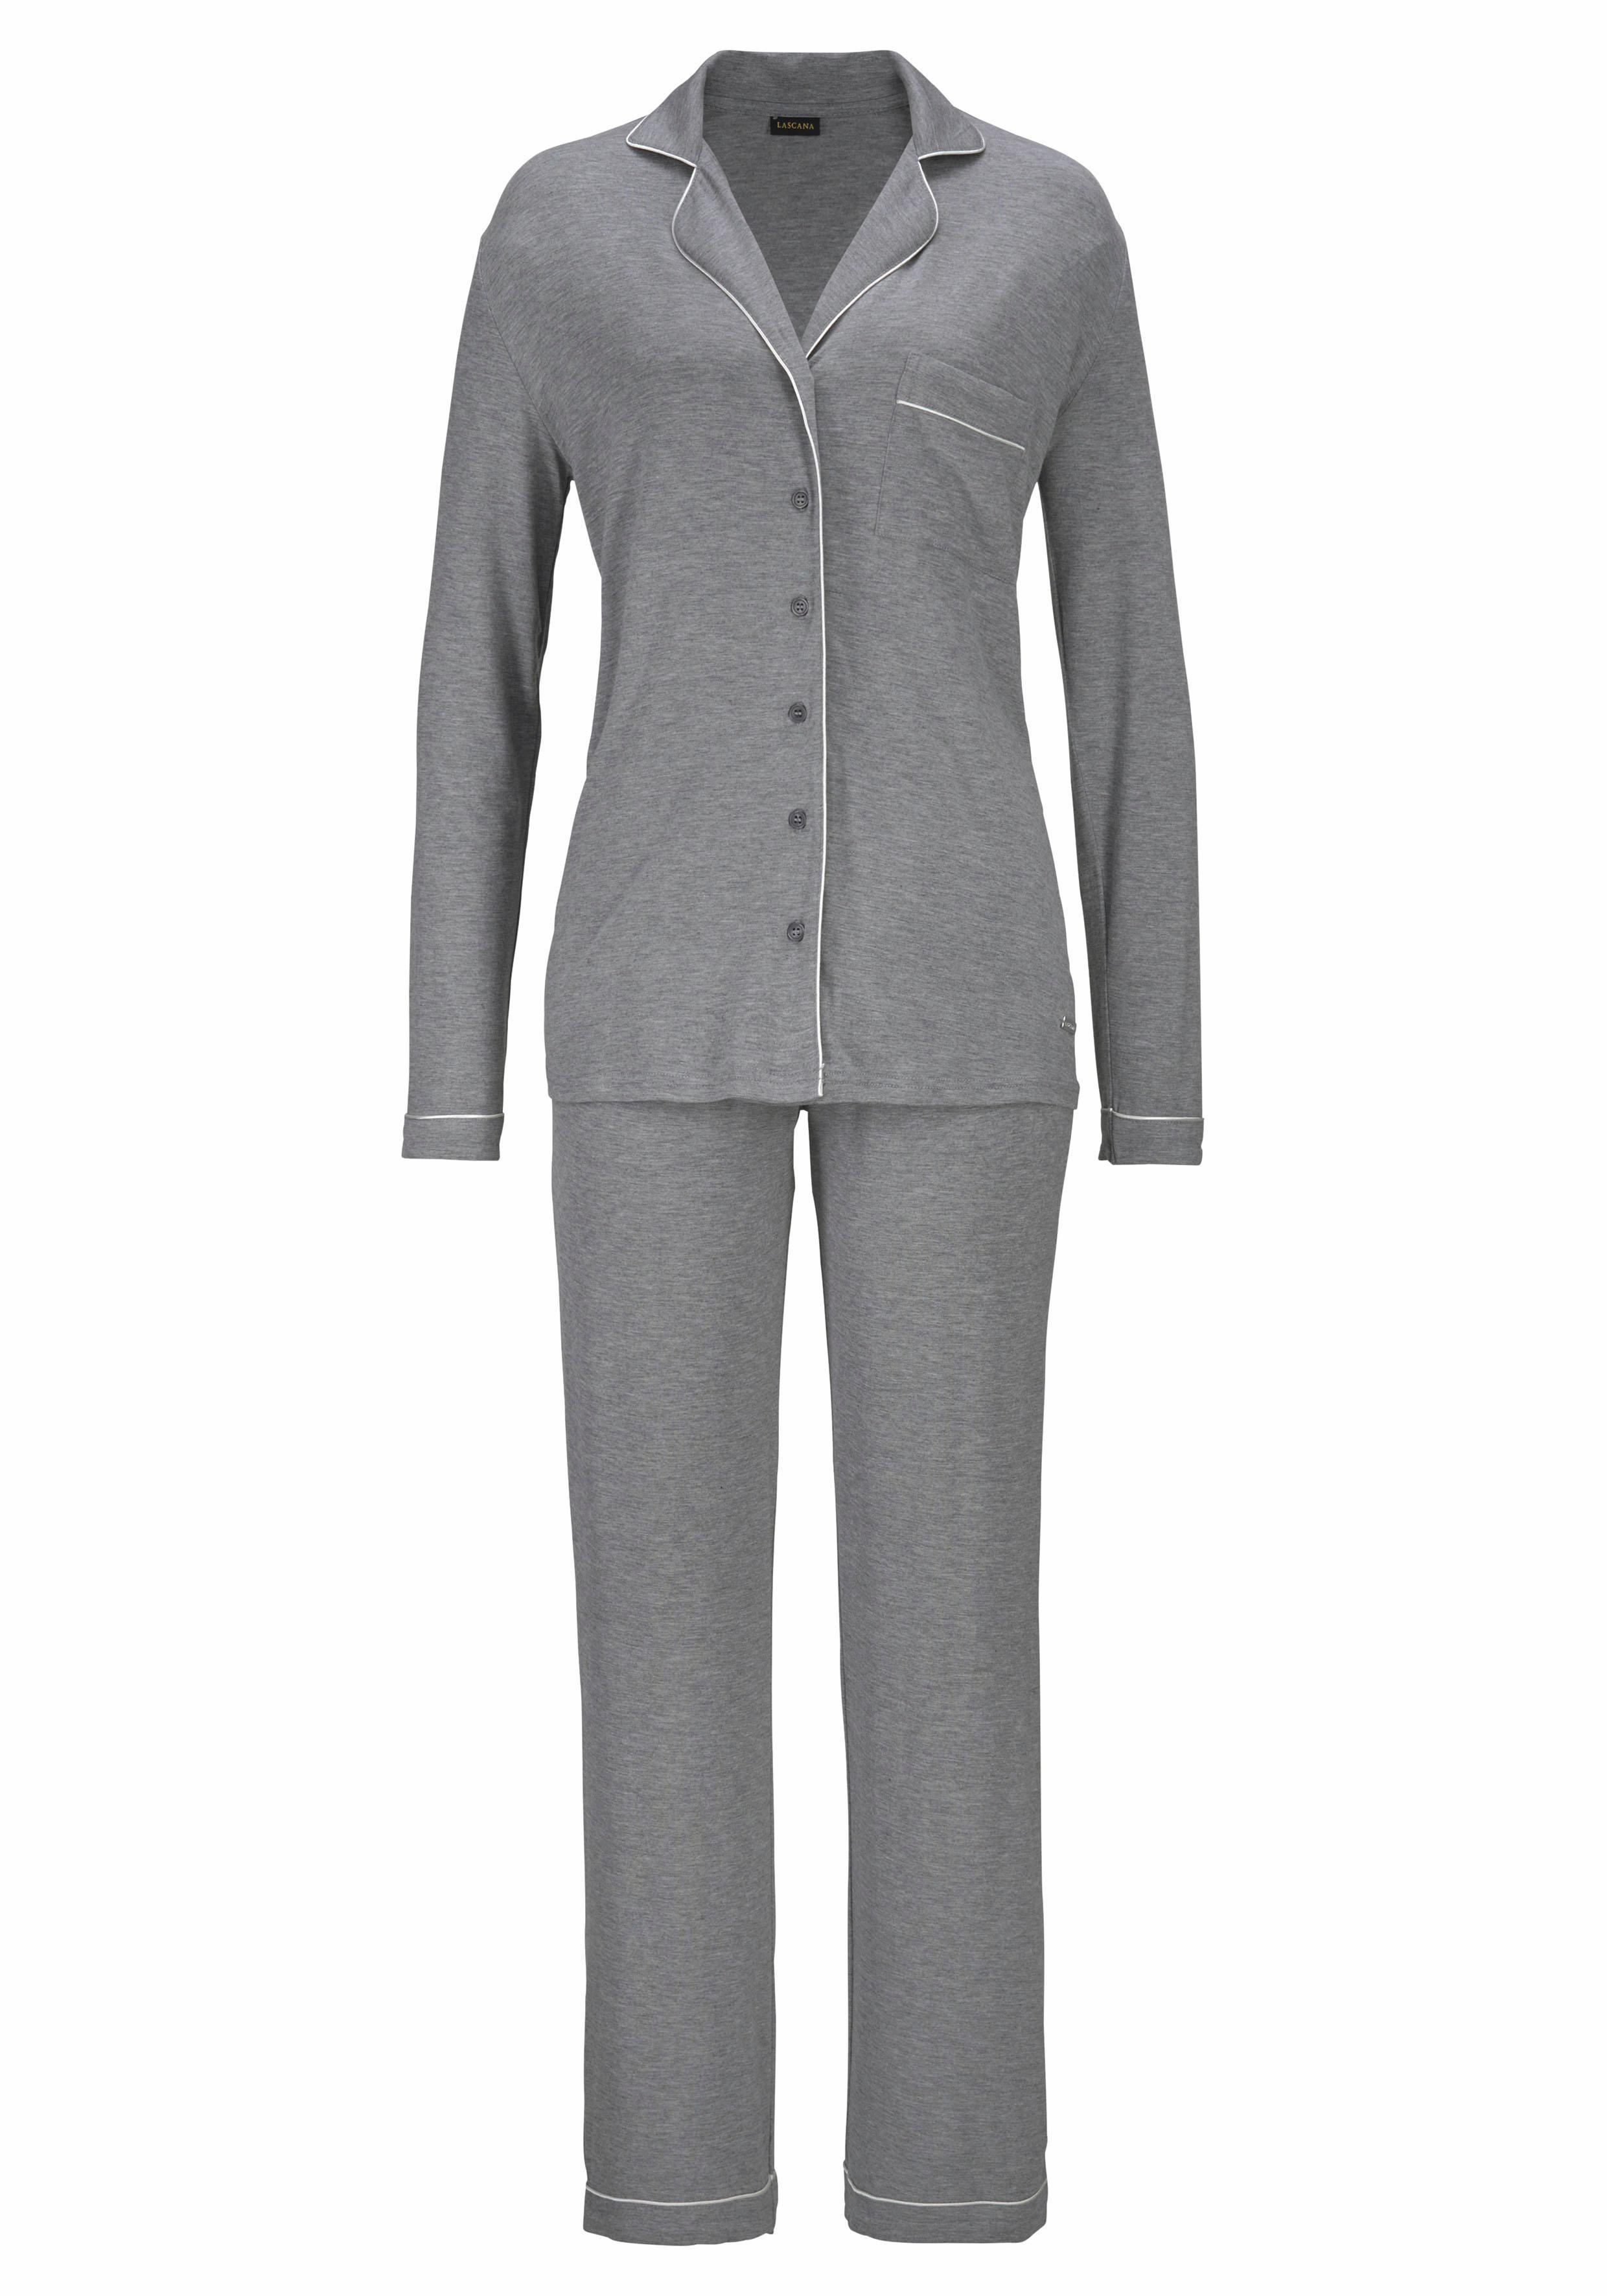 LASCANA Pyjama in klassischem Design mit Hemdkragen und Knopfleiste